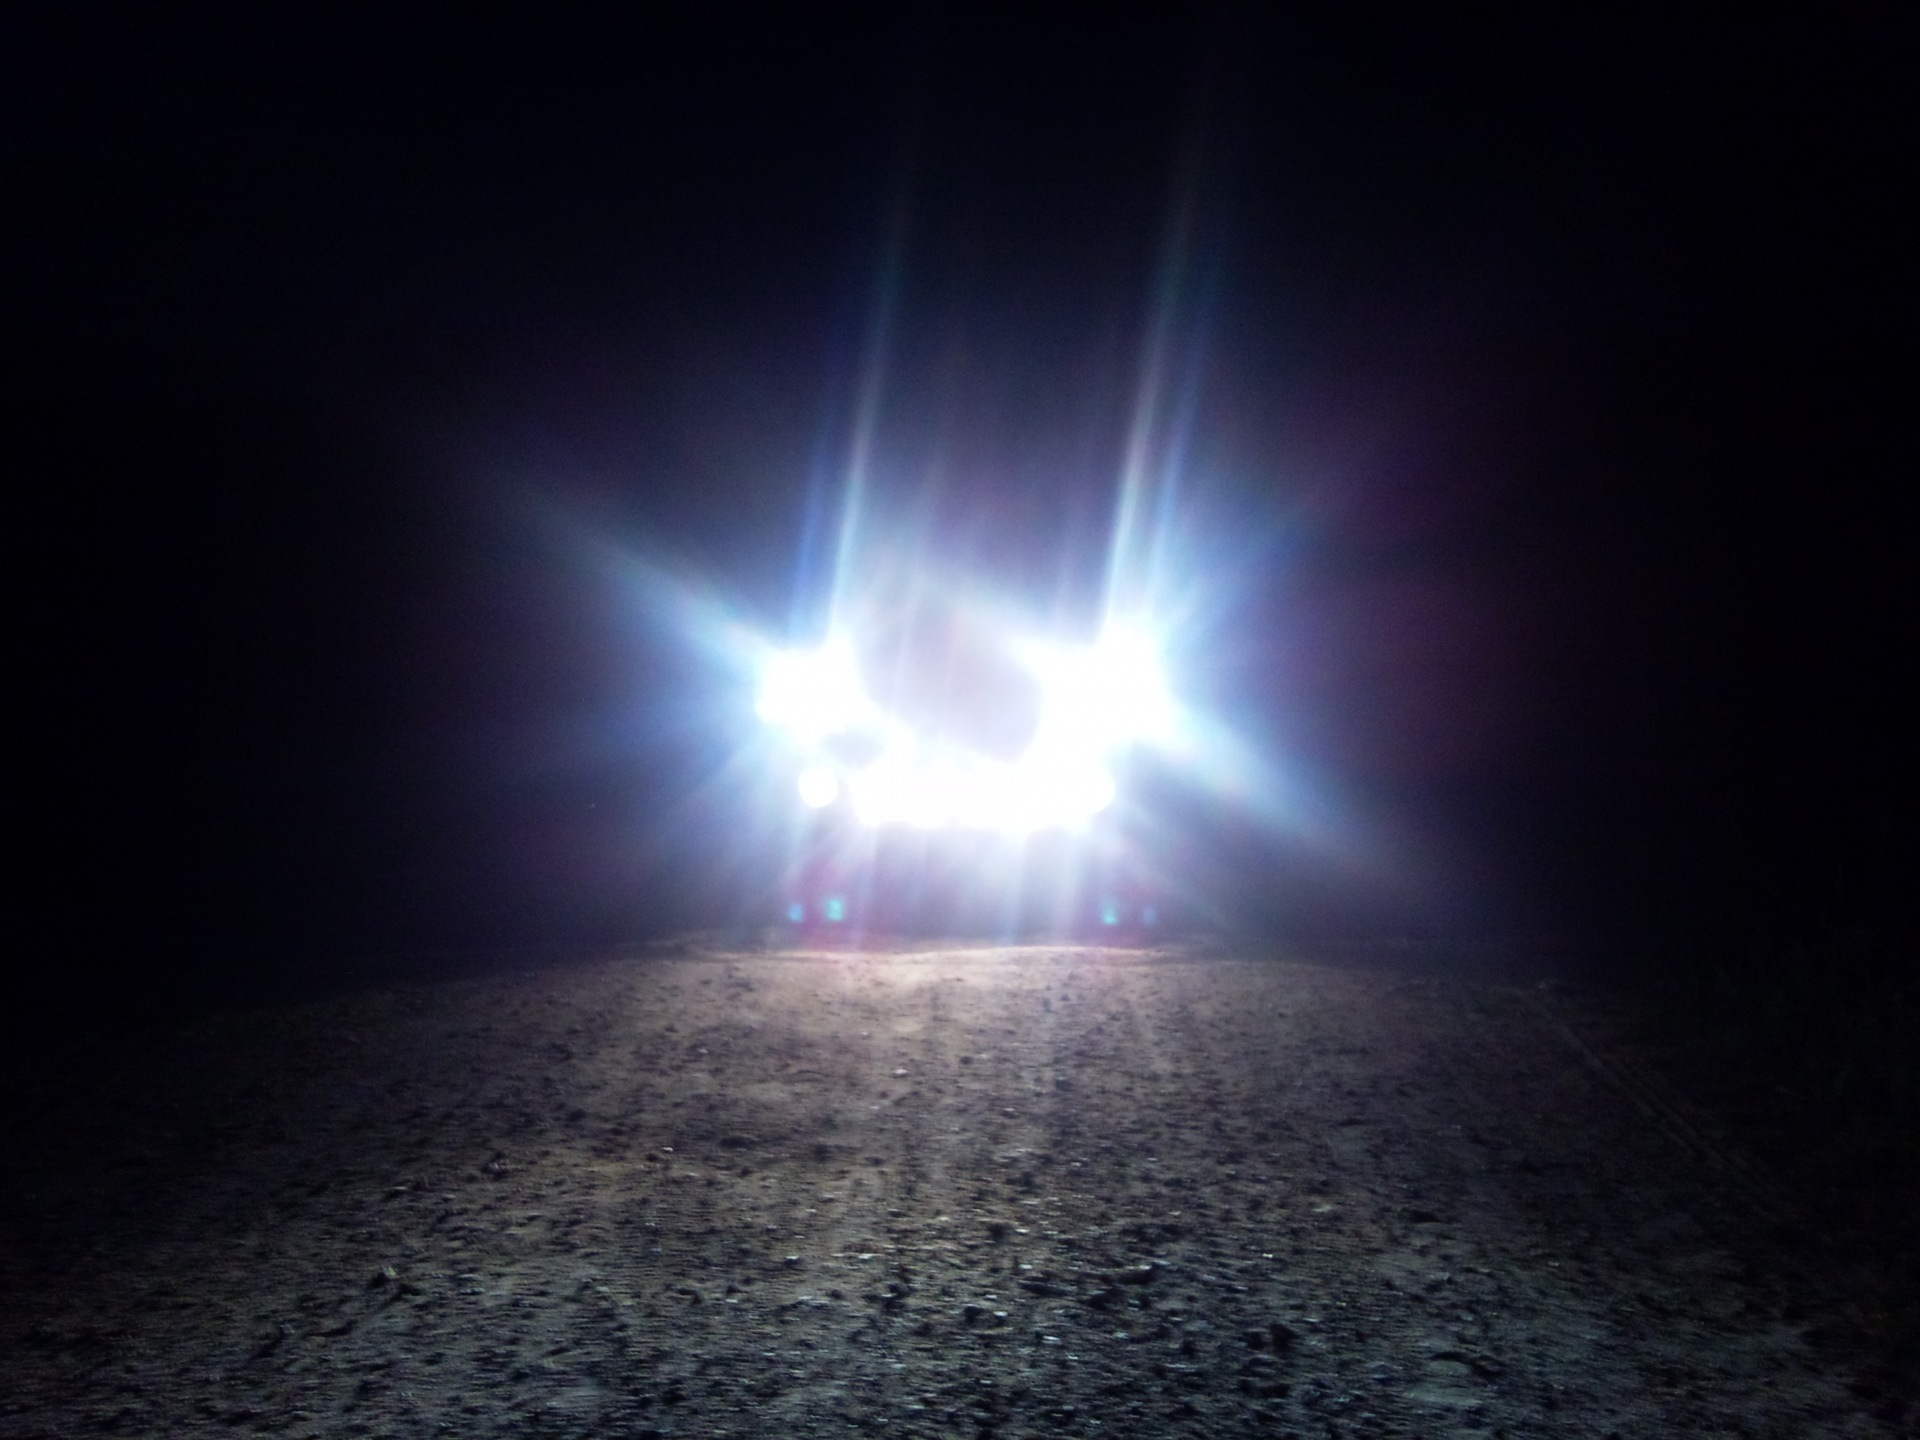 подвигло слепящий свет картинки эониума, его